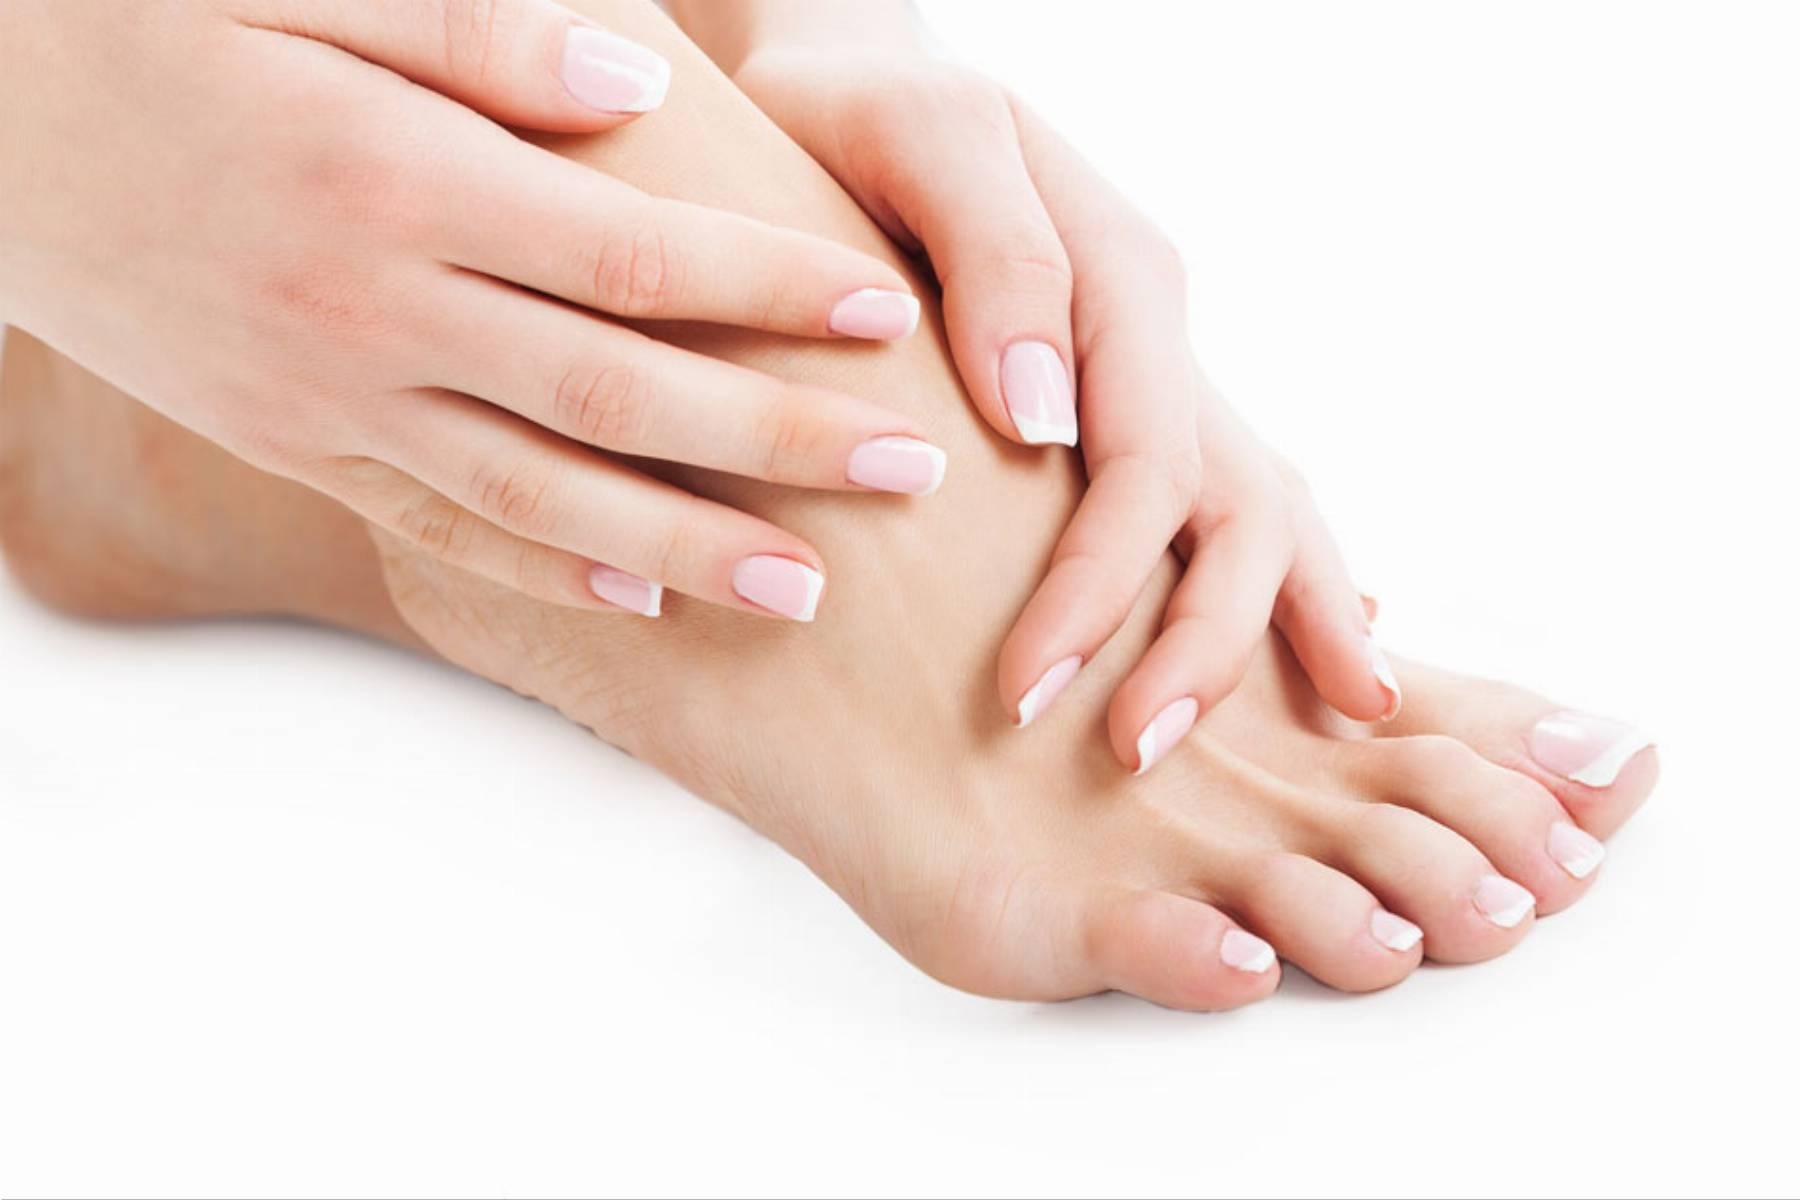 grzybica paznokci - jak ją leczyć